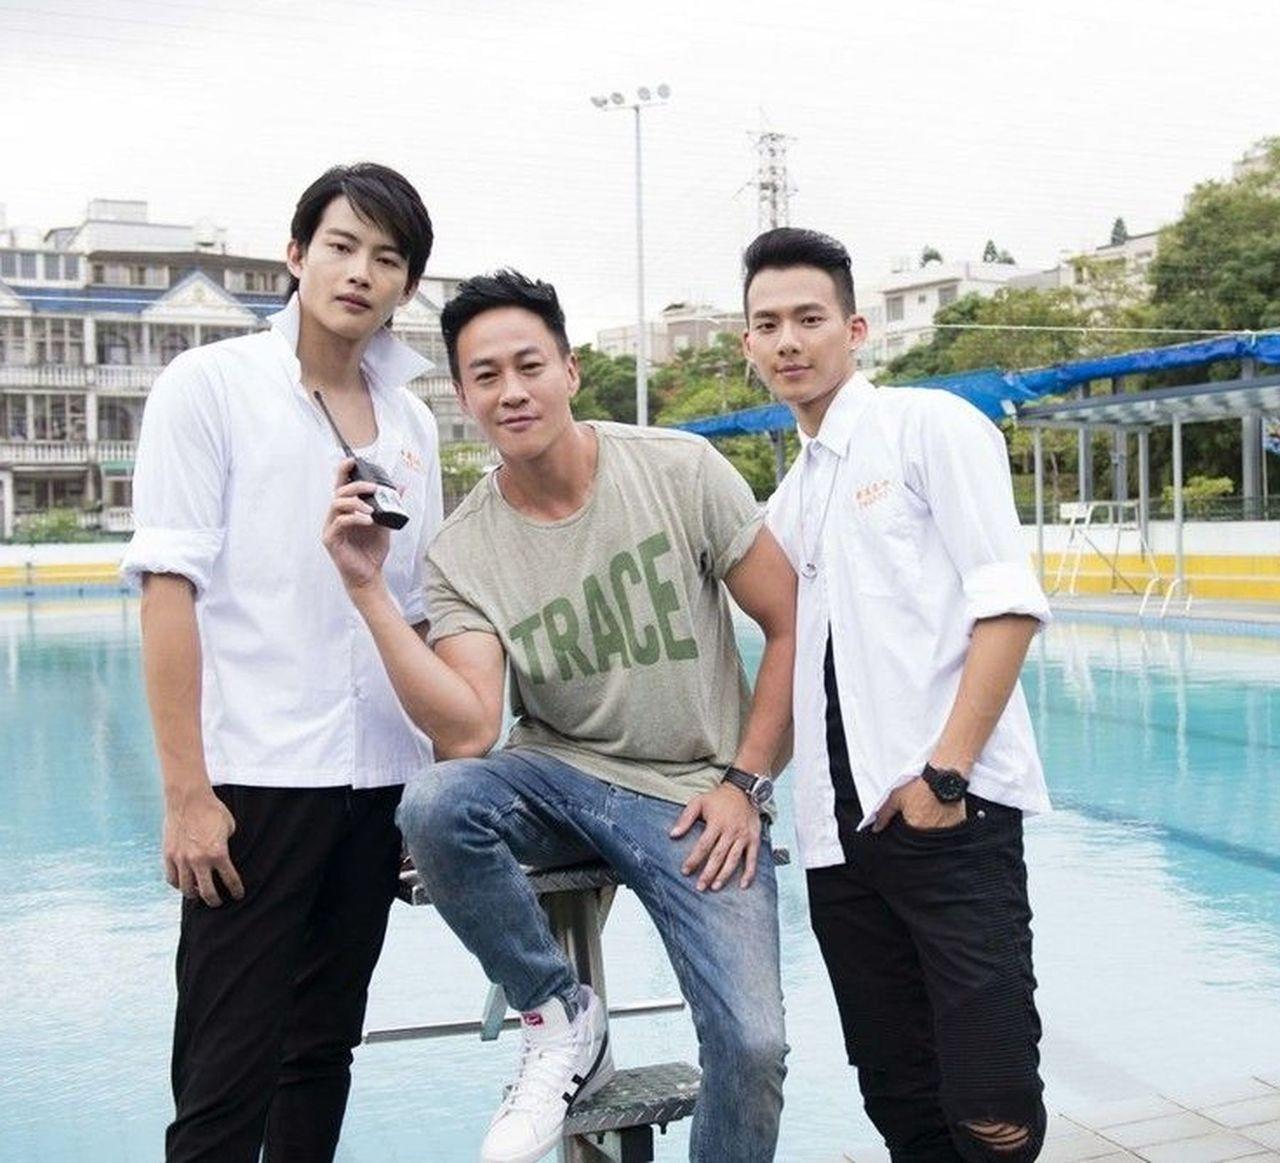 張庭瑚(左起)、何潤東、吳念軒拍攝「翻牆的記憶」。圖╱TVBS提供